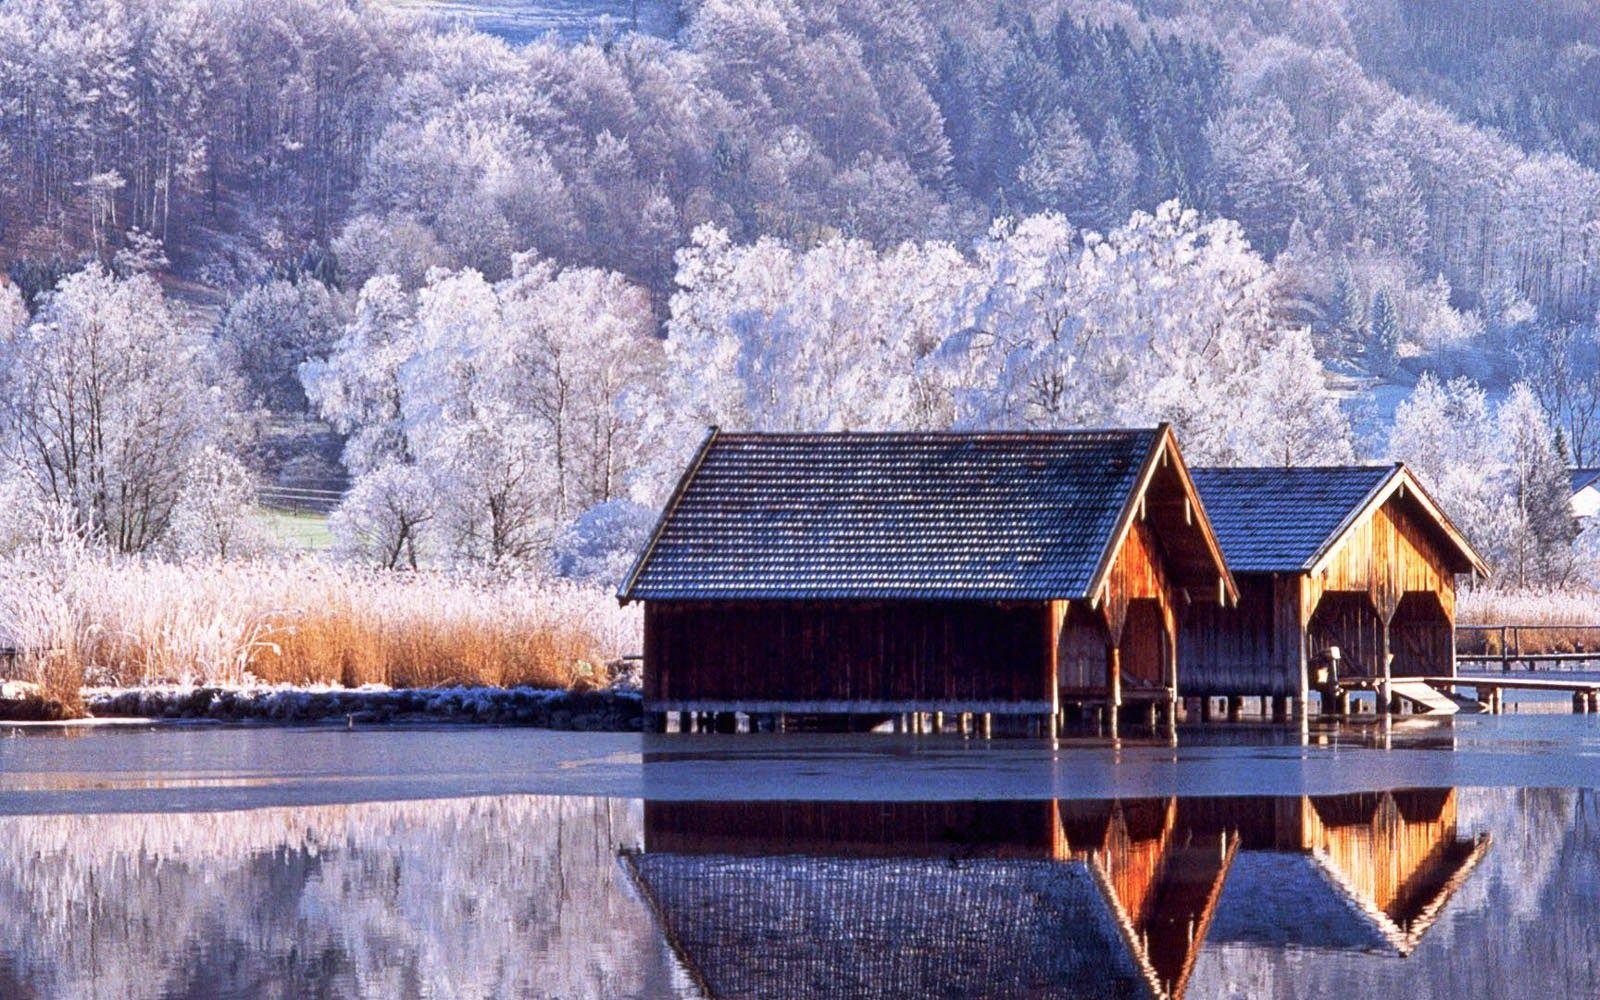 scenery winter wallpapers desktop sceneries backgrounds